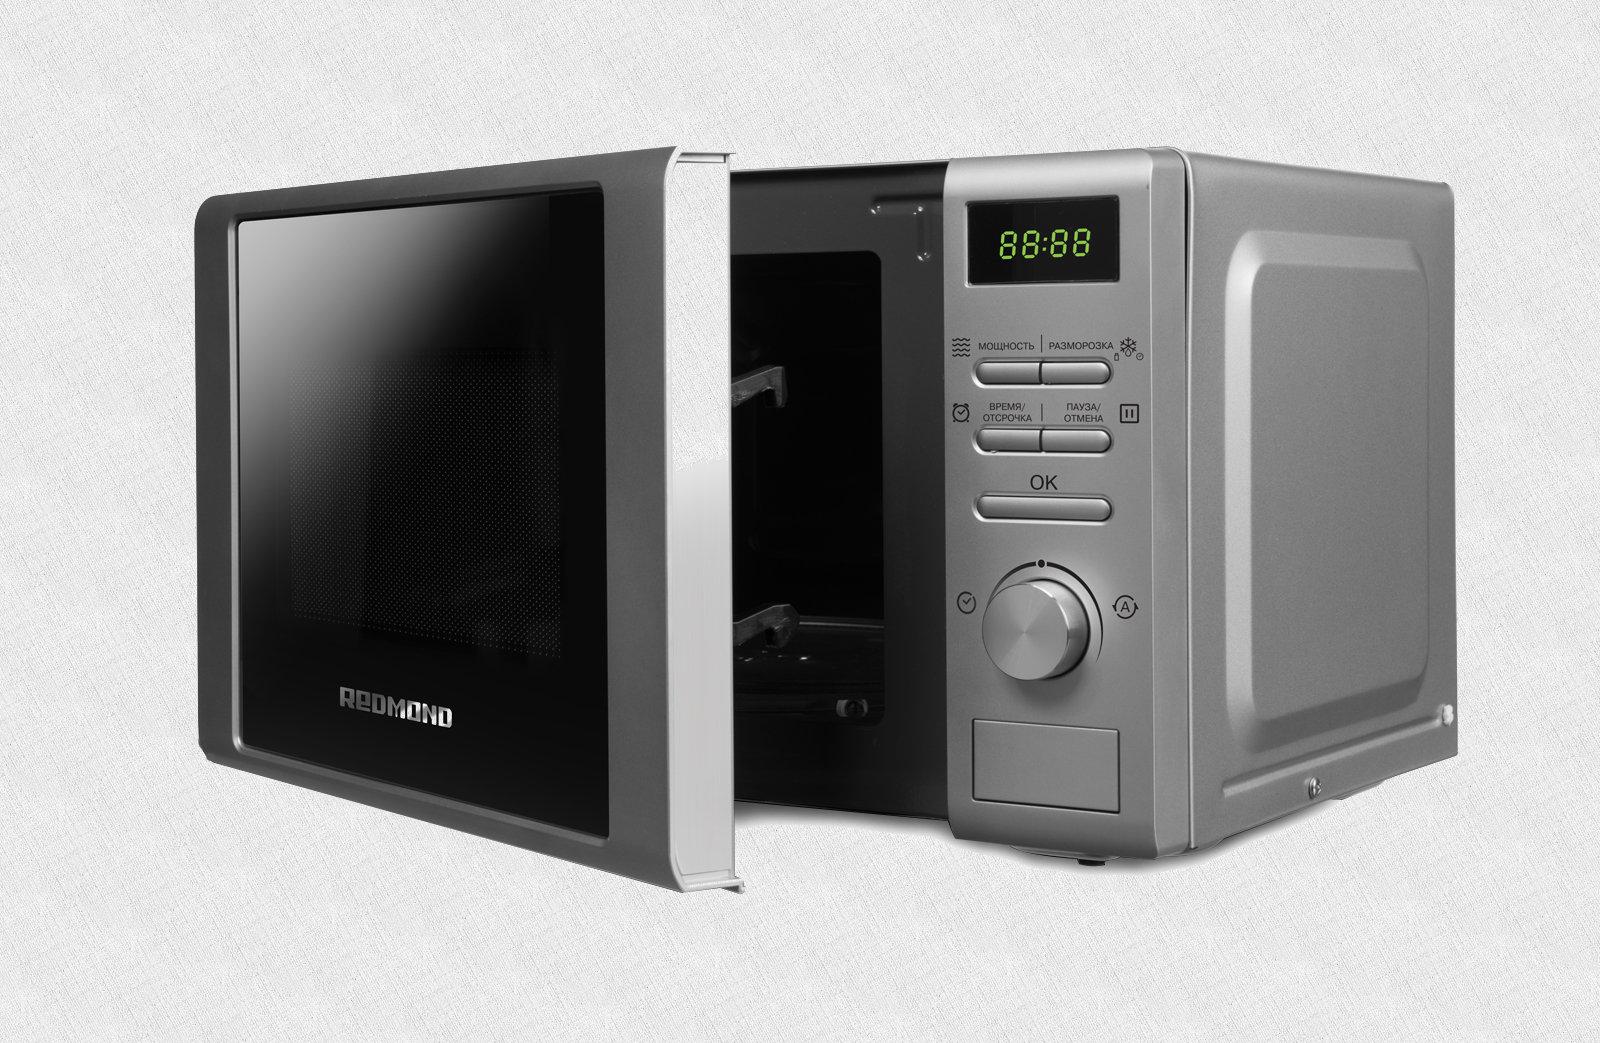 выбрать REDMOND RM-2002D